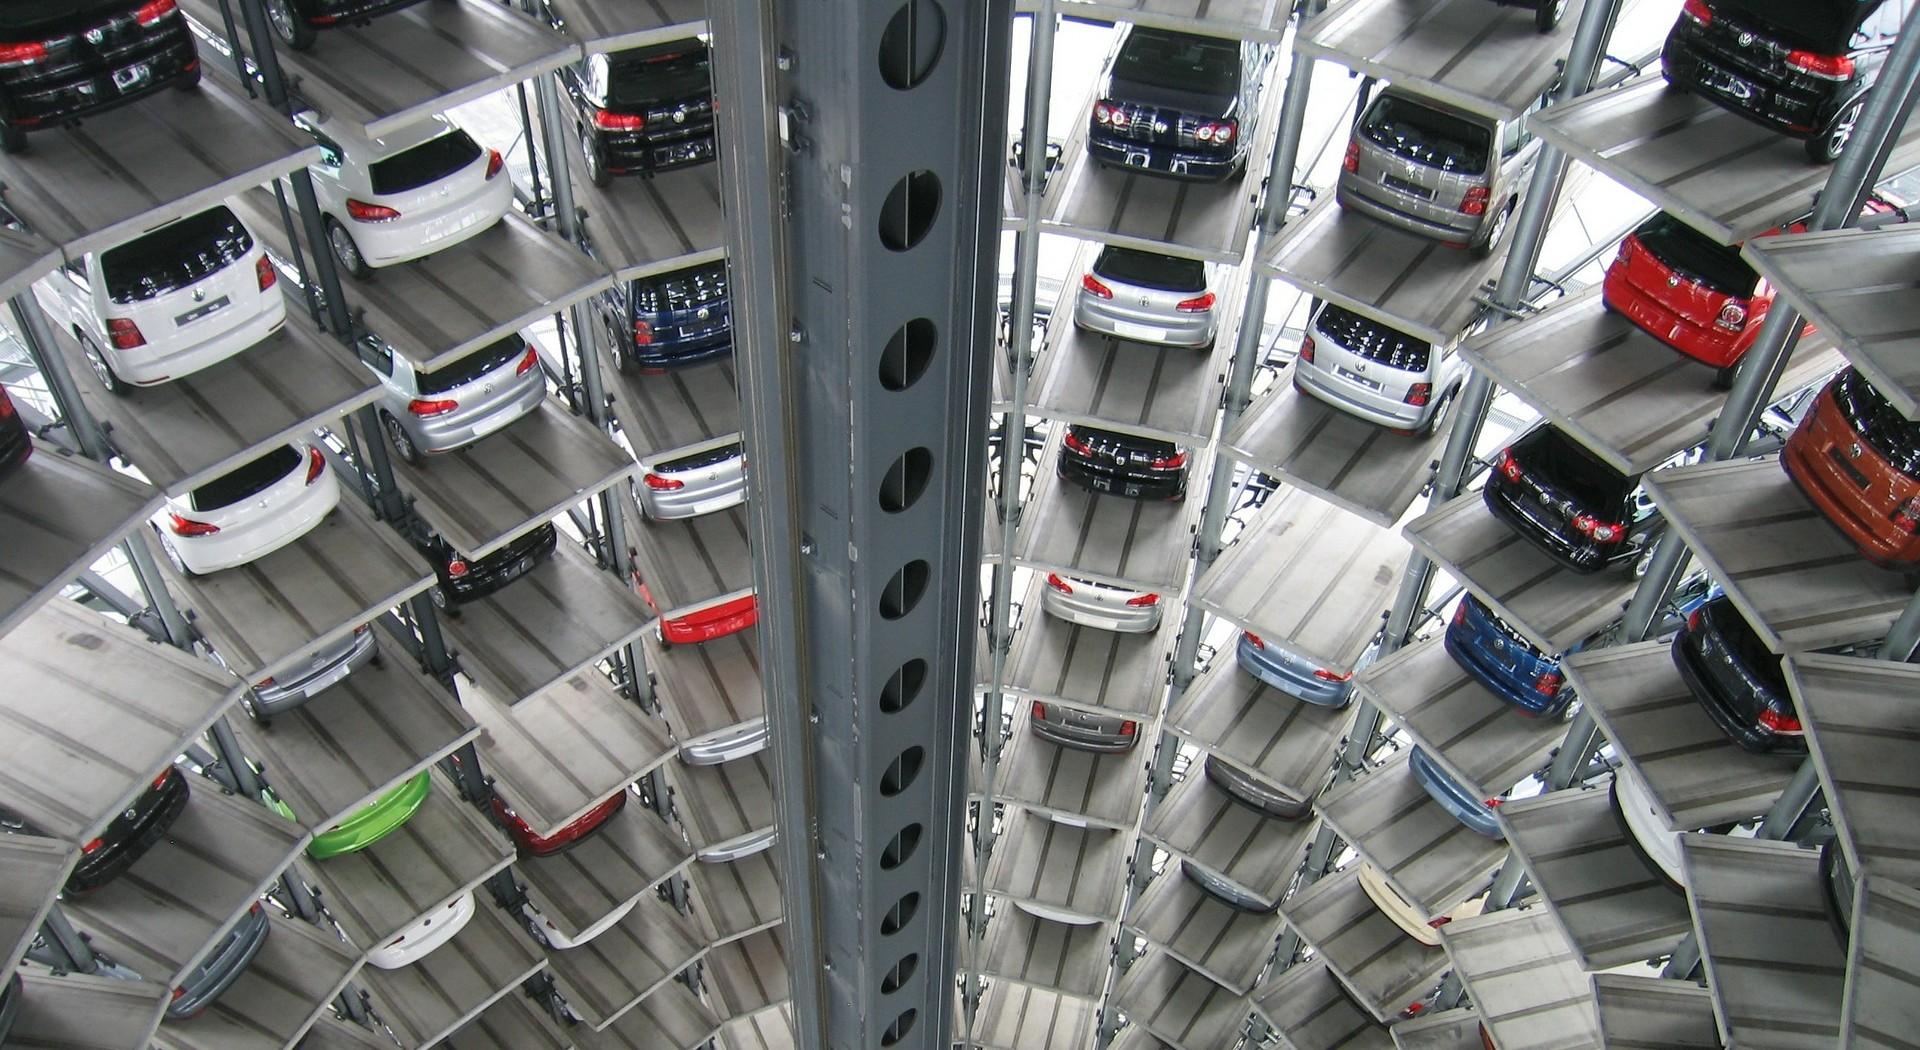 Das Bild zeigt ein modernes vollautomatisches Parkhaus.